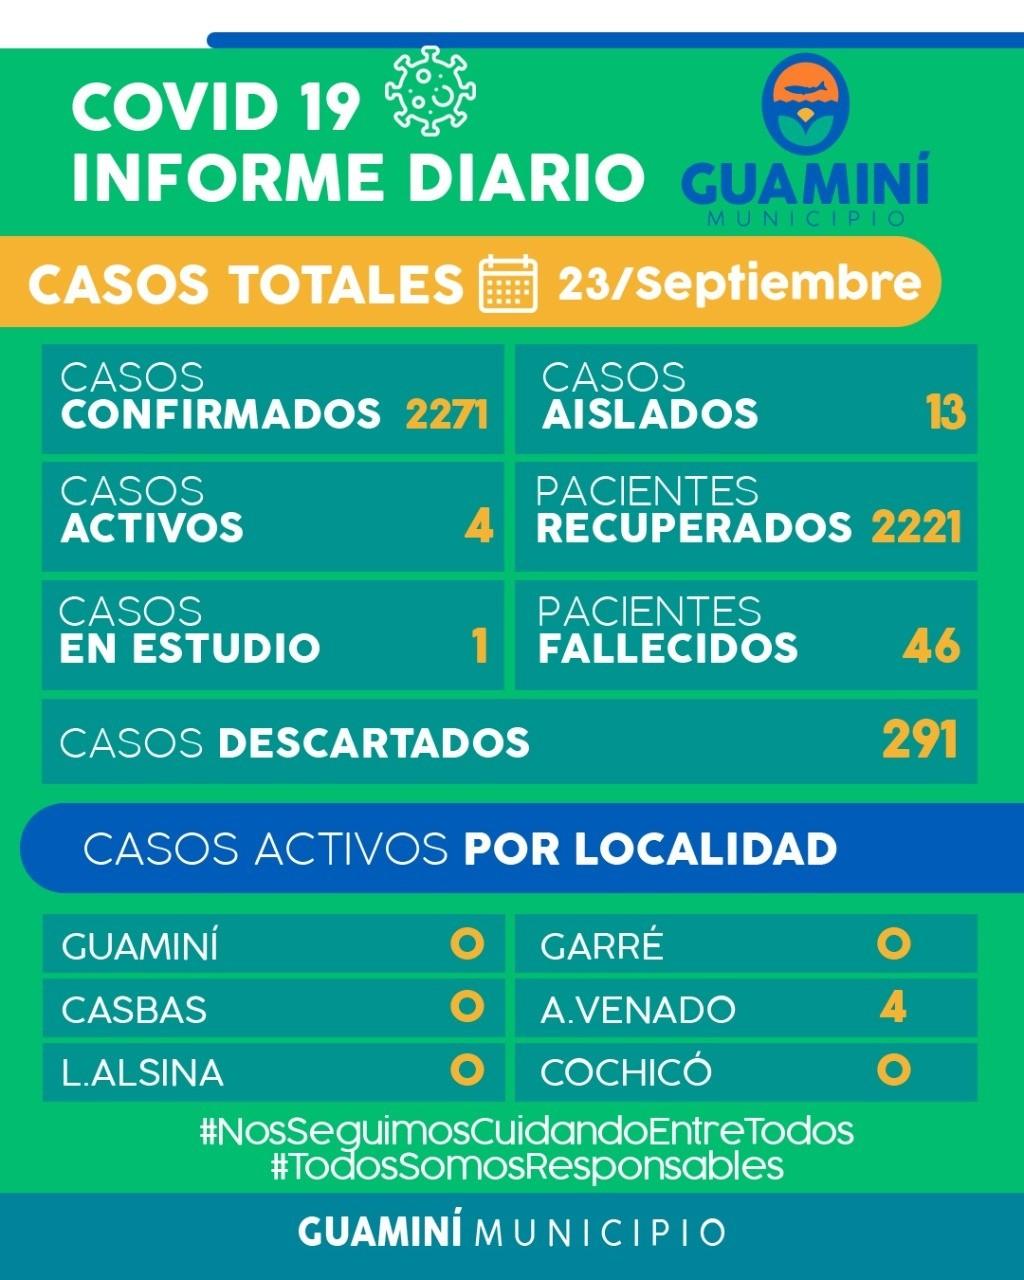 CORONAVIRUS: INFORME DIARIO DE SITUACIÓN A NIVEL LOCAL - 23 DE SEPTIEMBRE -